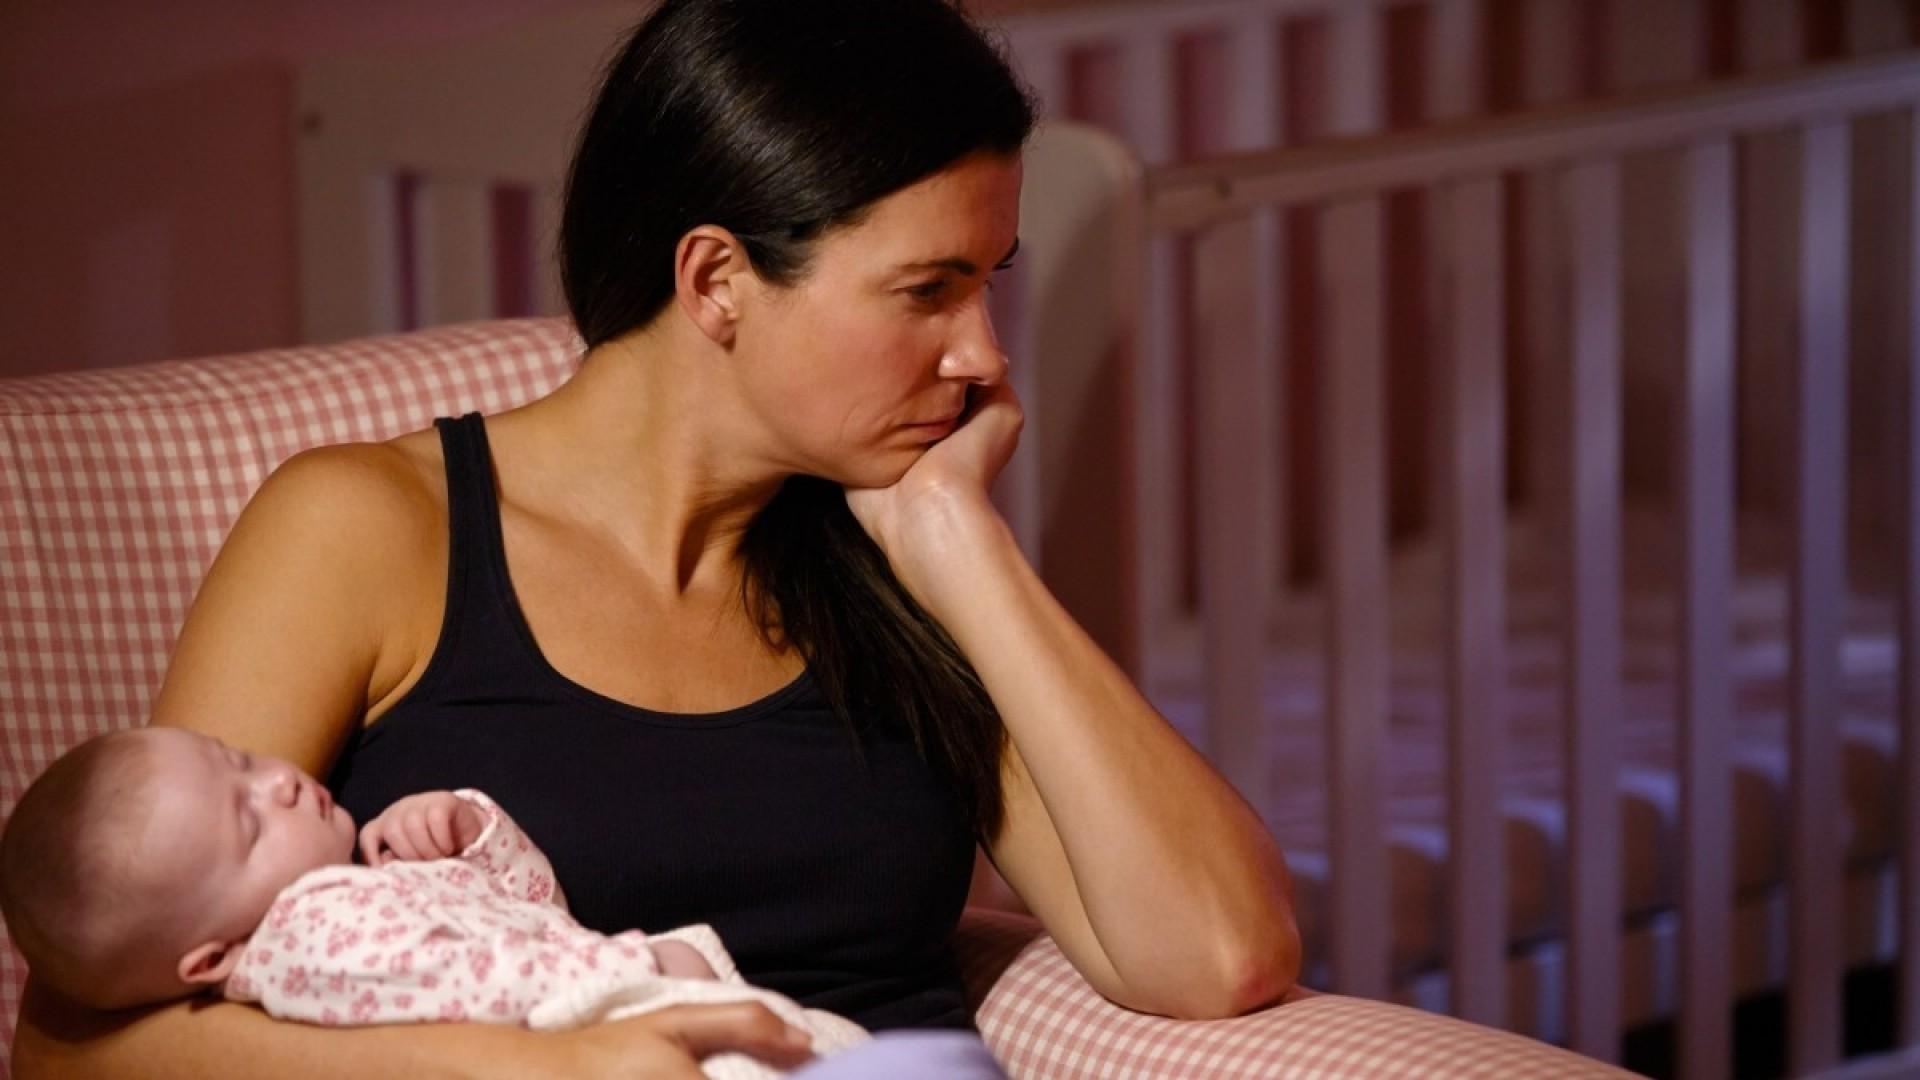 Как поверить в счастье материнства: 5 способов выйти из постродовой депрессии